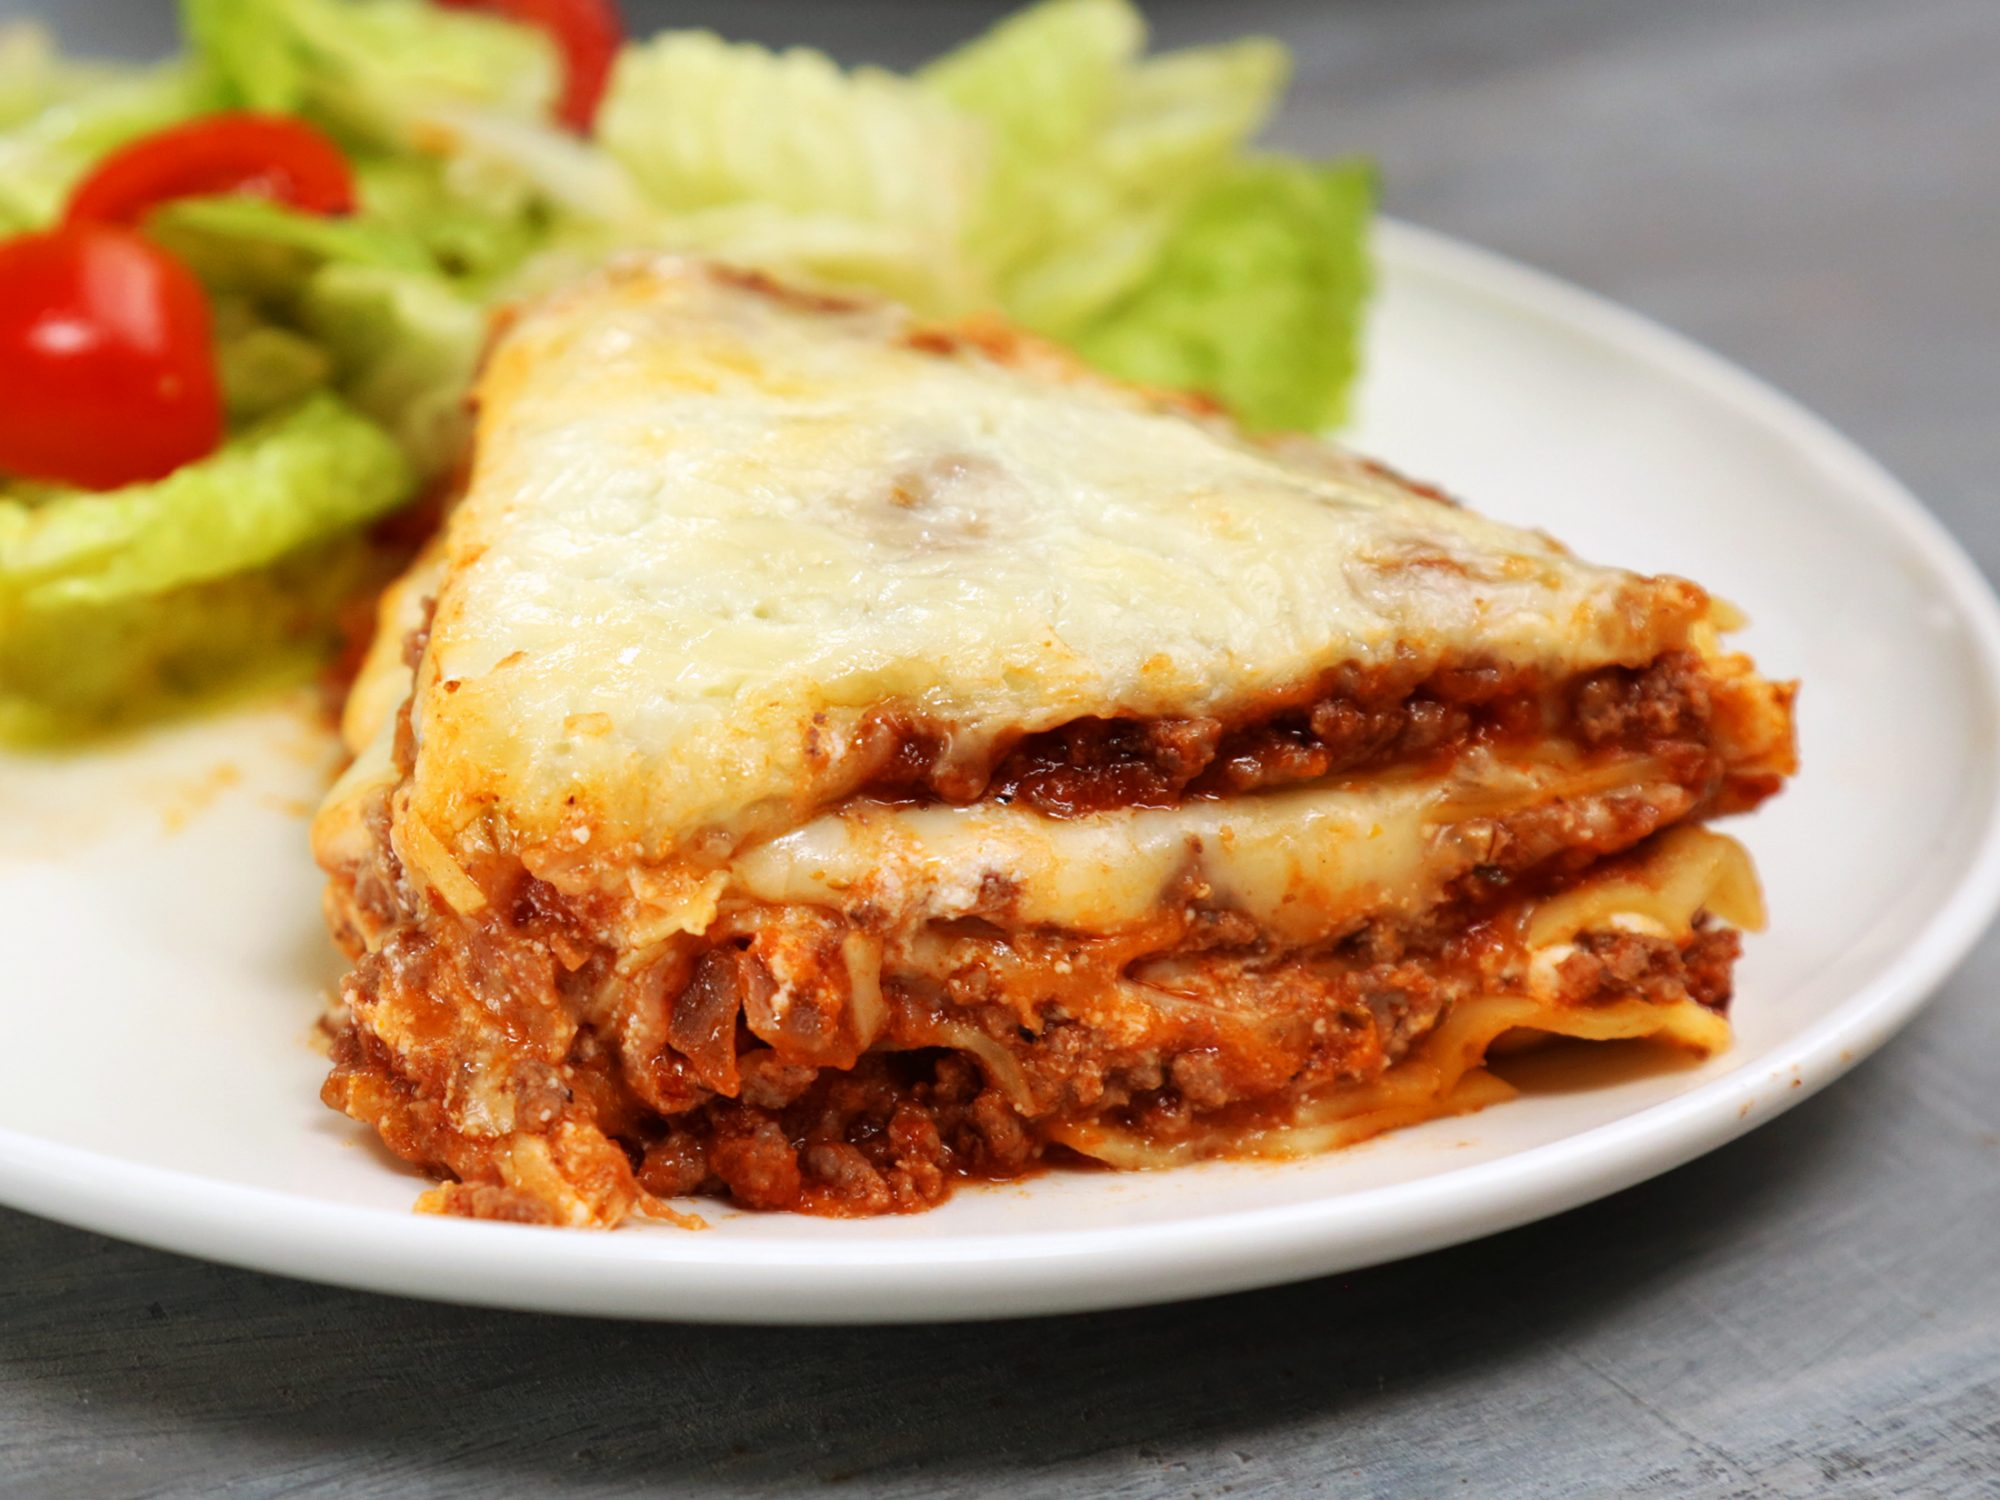 Instant Pot Lasagna image